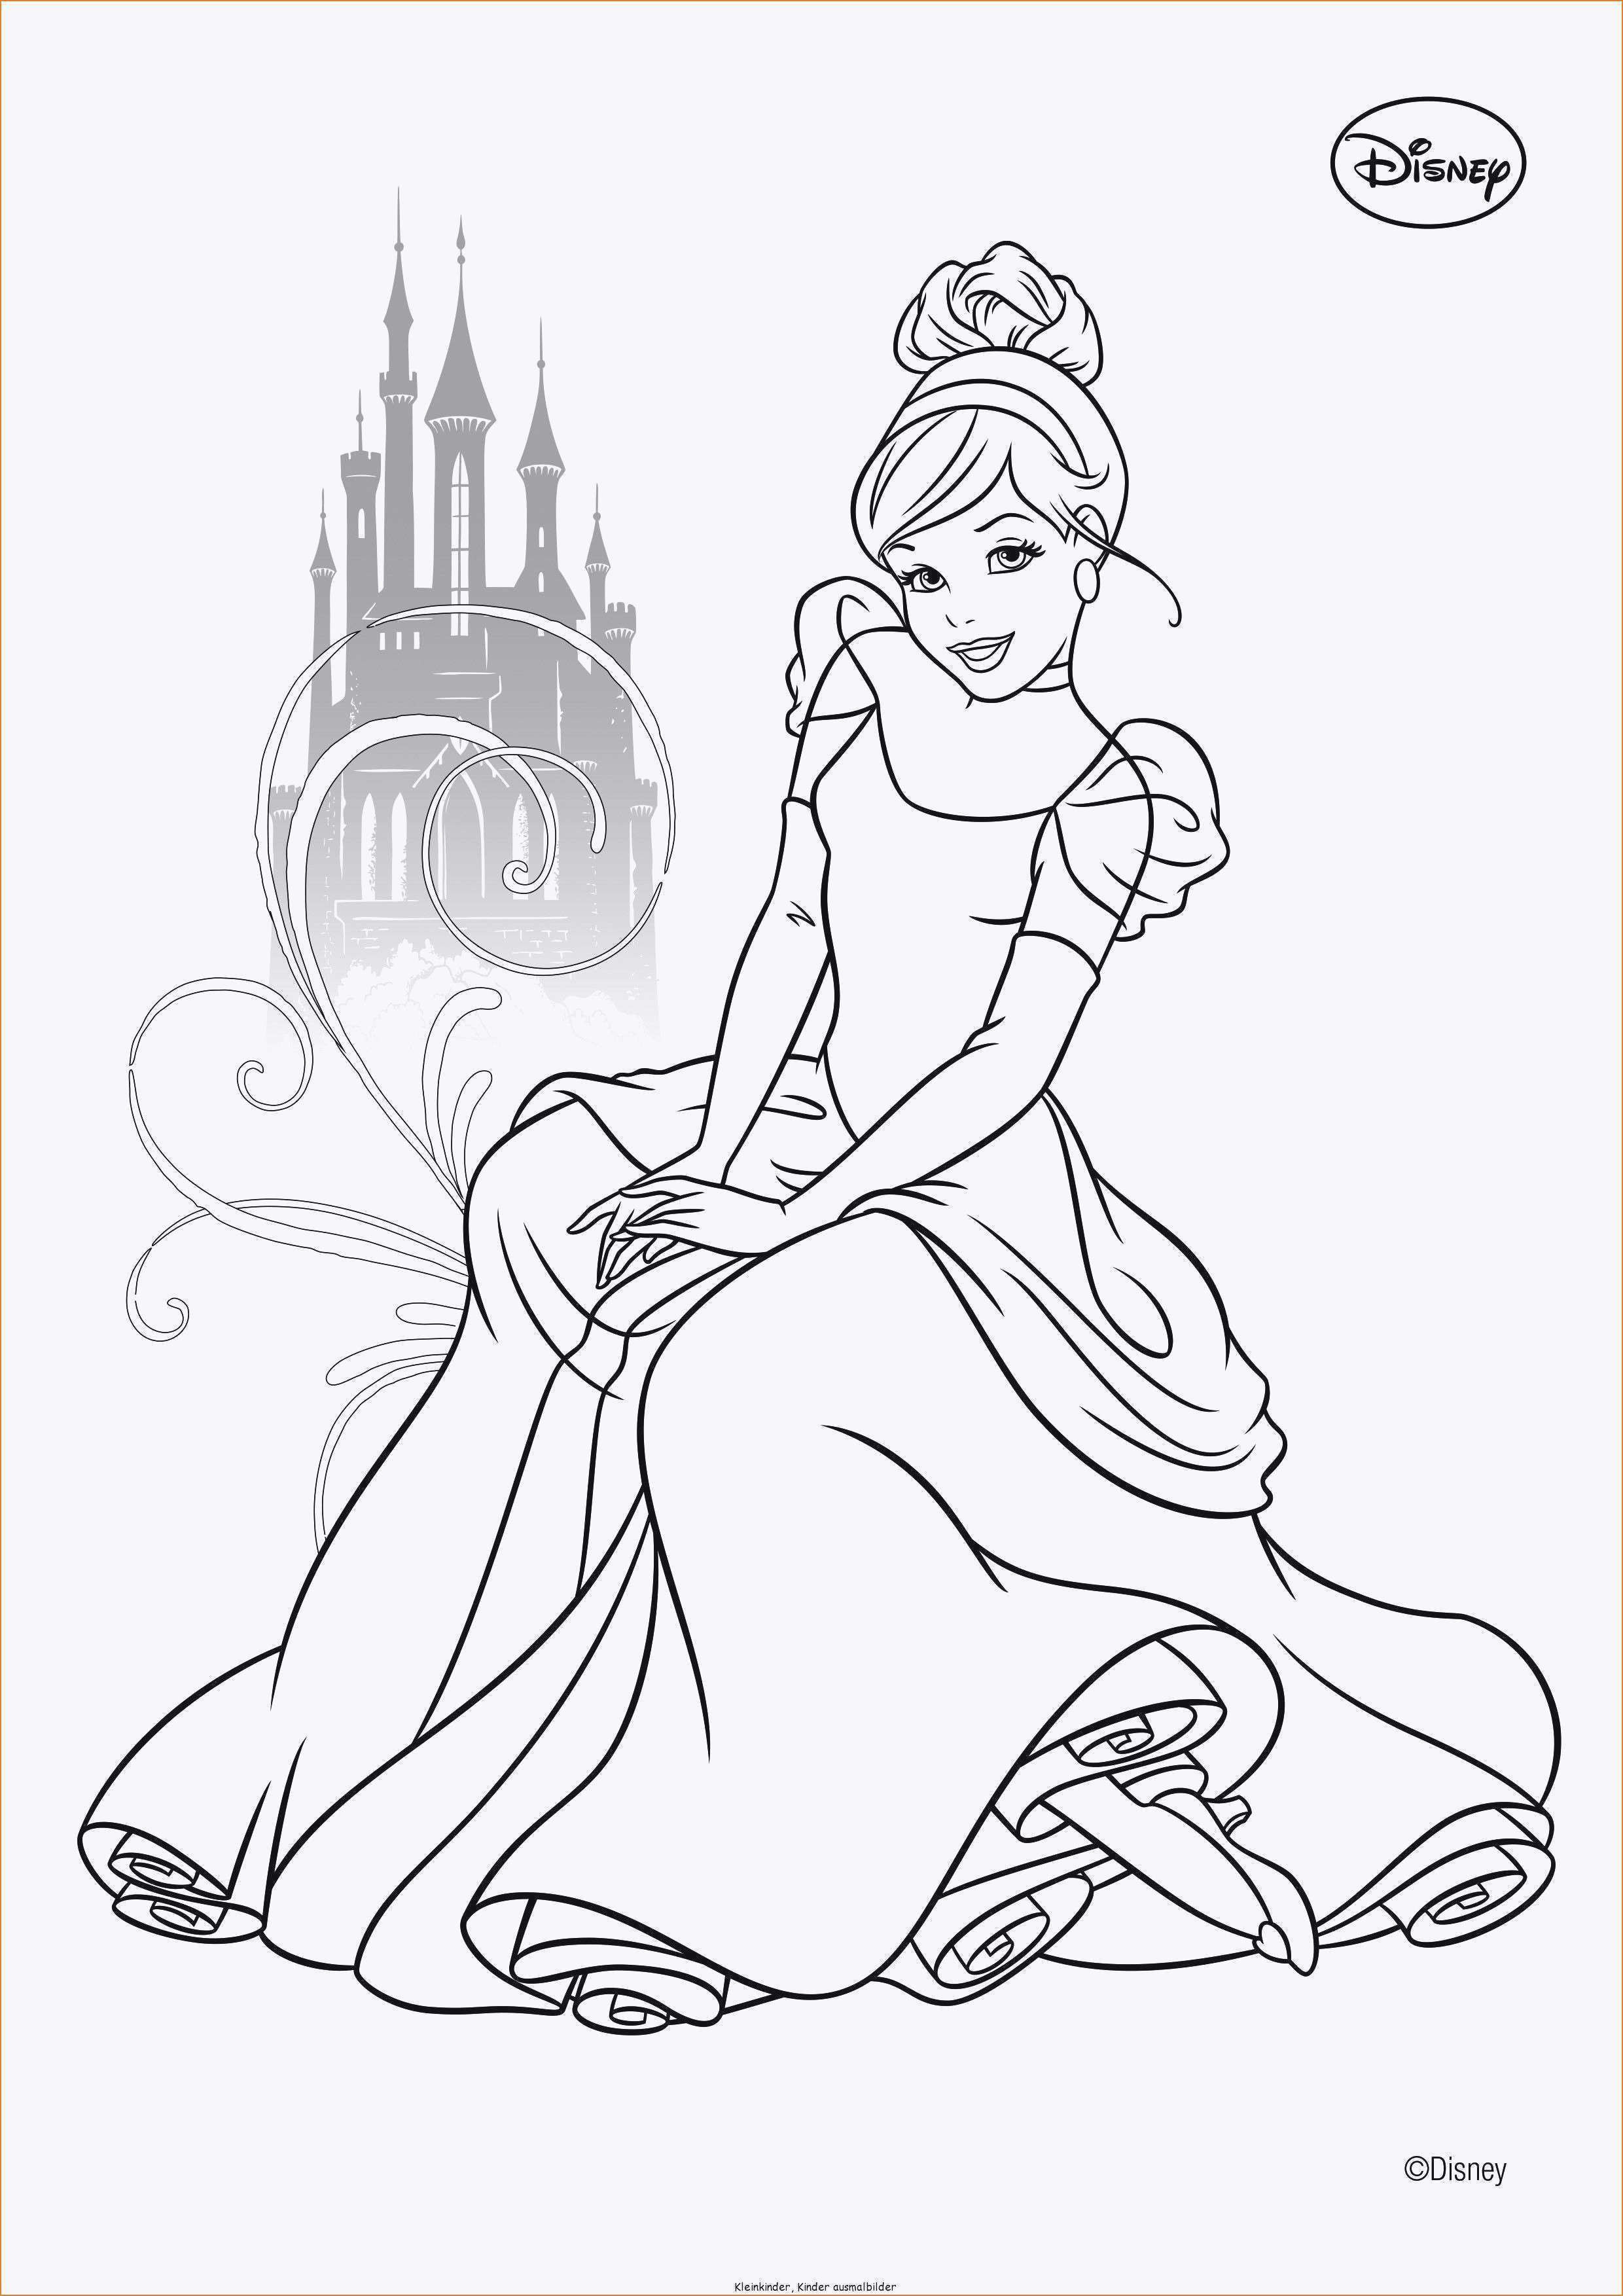 Ausmalbilder Prinzessin Ausdrucken Das Beste Von Ausmalbilder Kleinkinder 48 Elegant Bastelideen Kinder Bild 0gdr Galerie